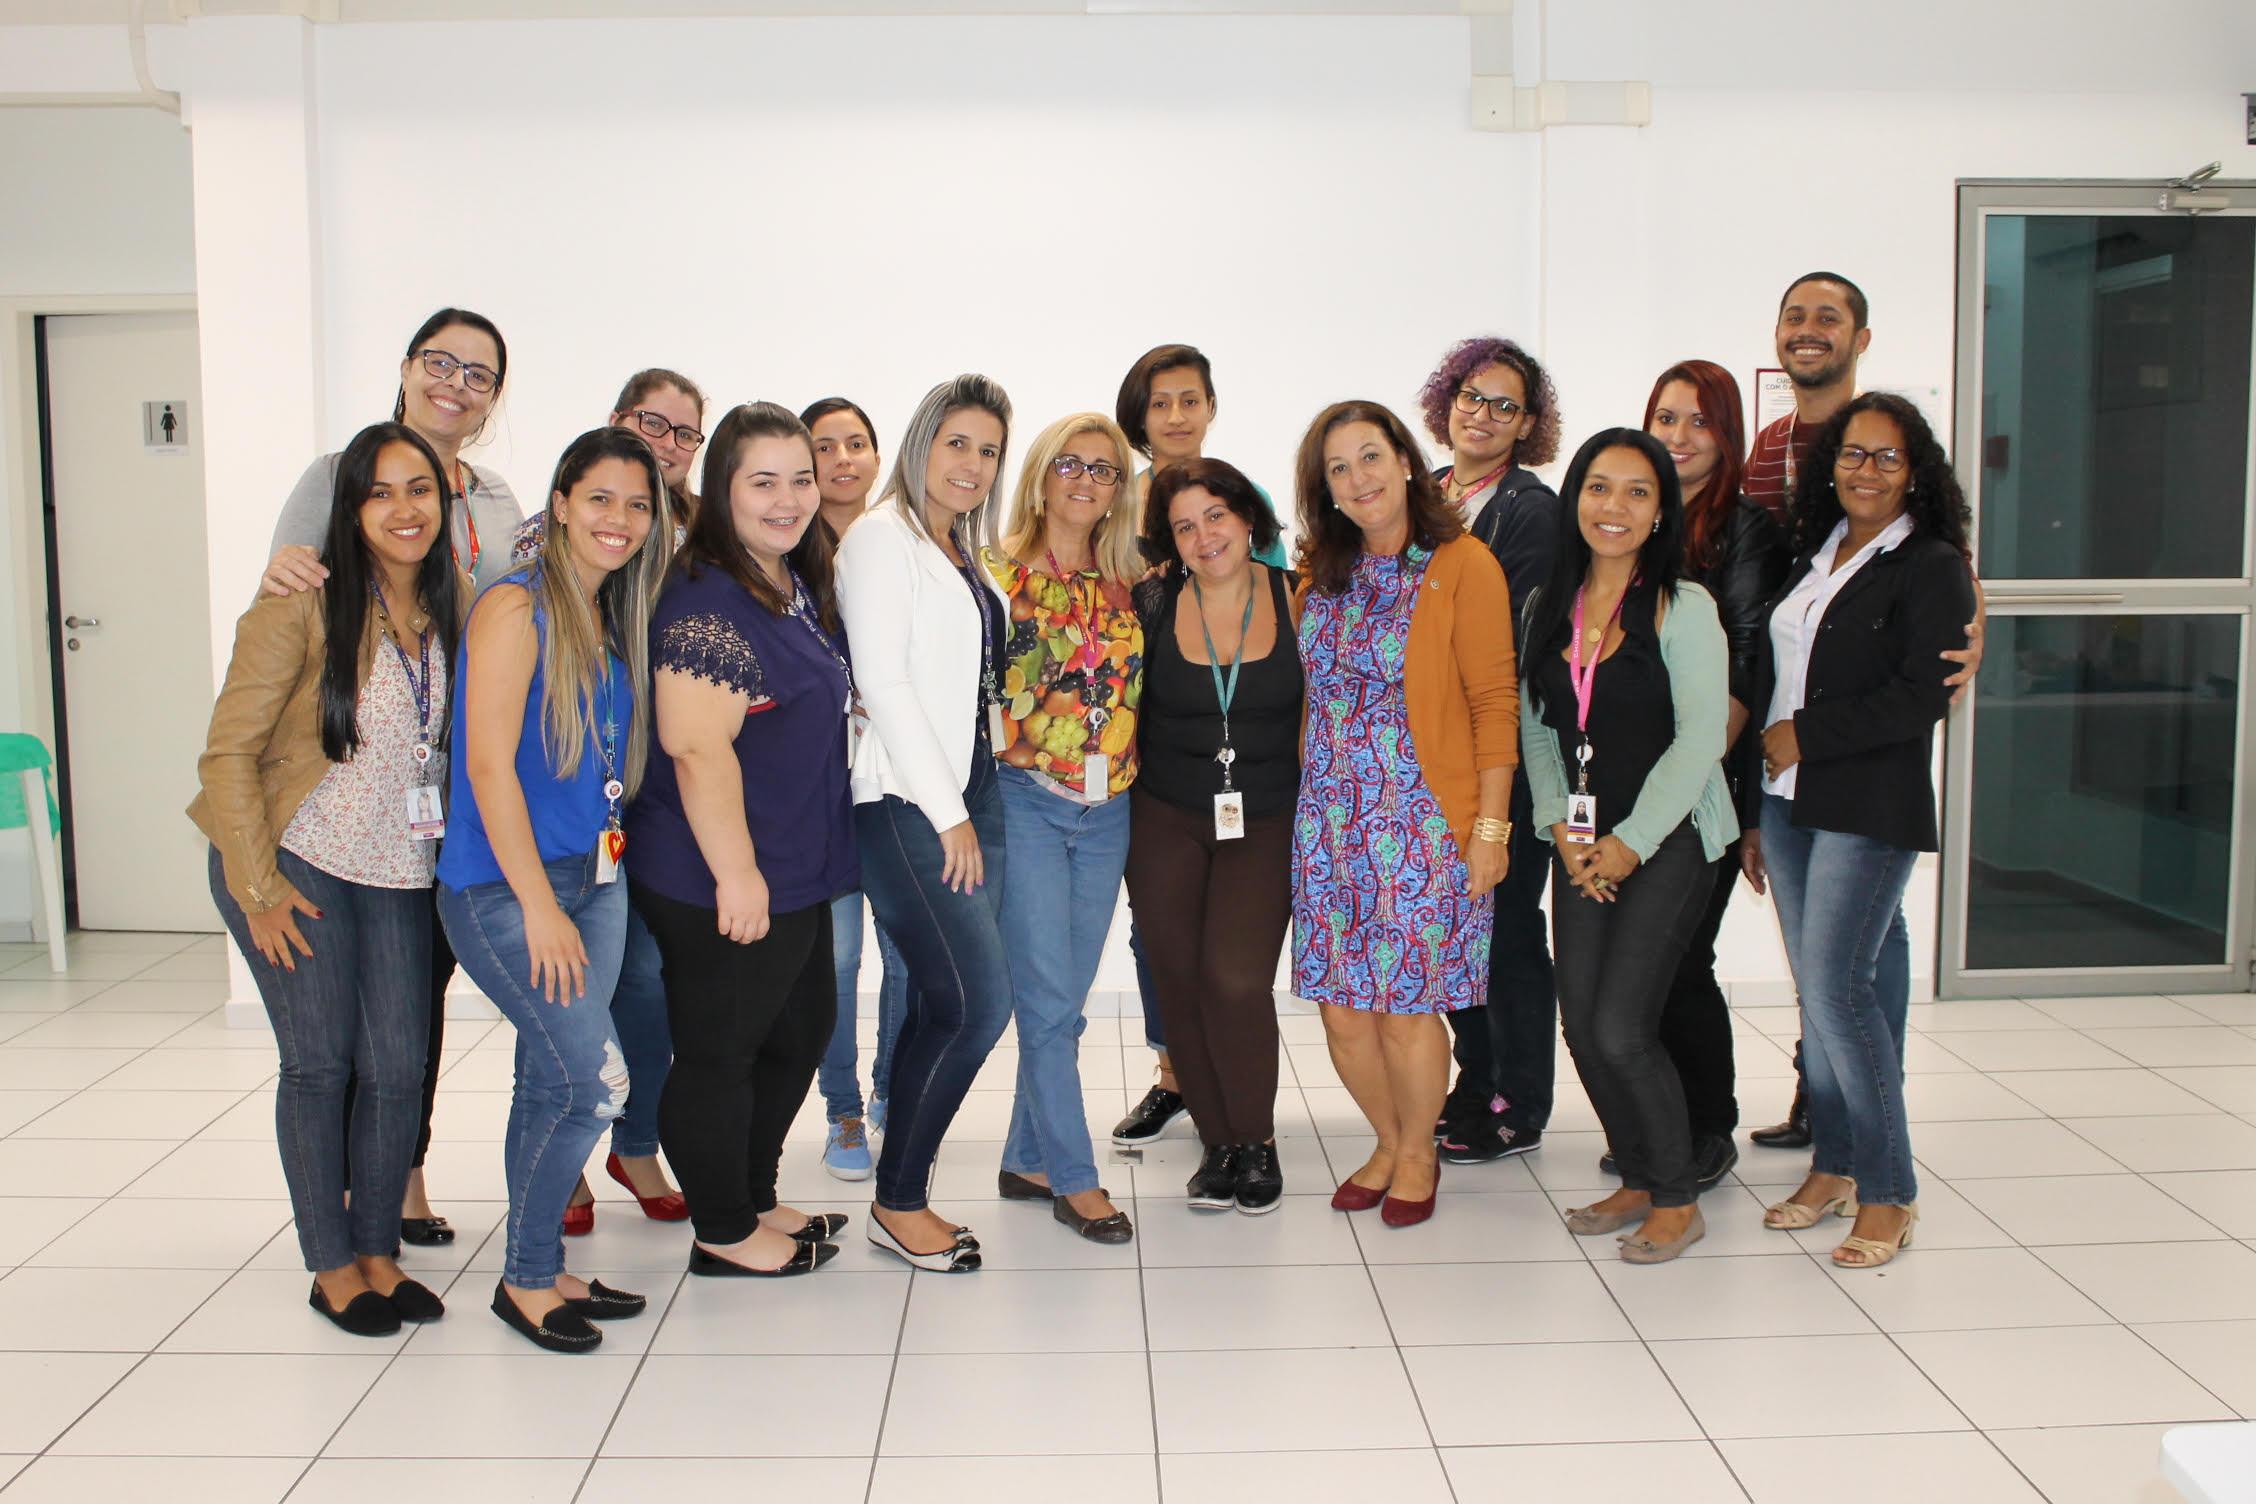 Jornada da mulher é tema de palestra para profissionais Flex